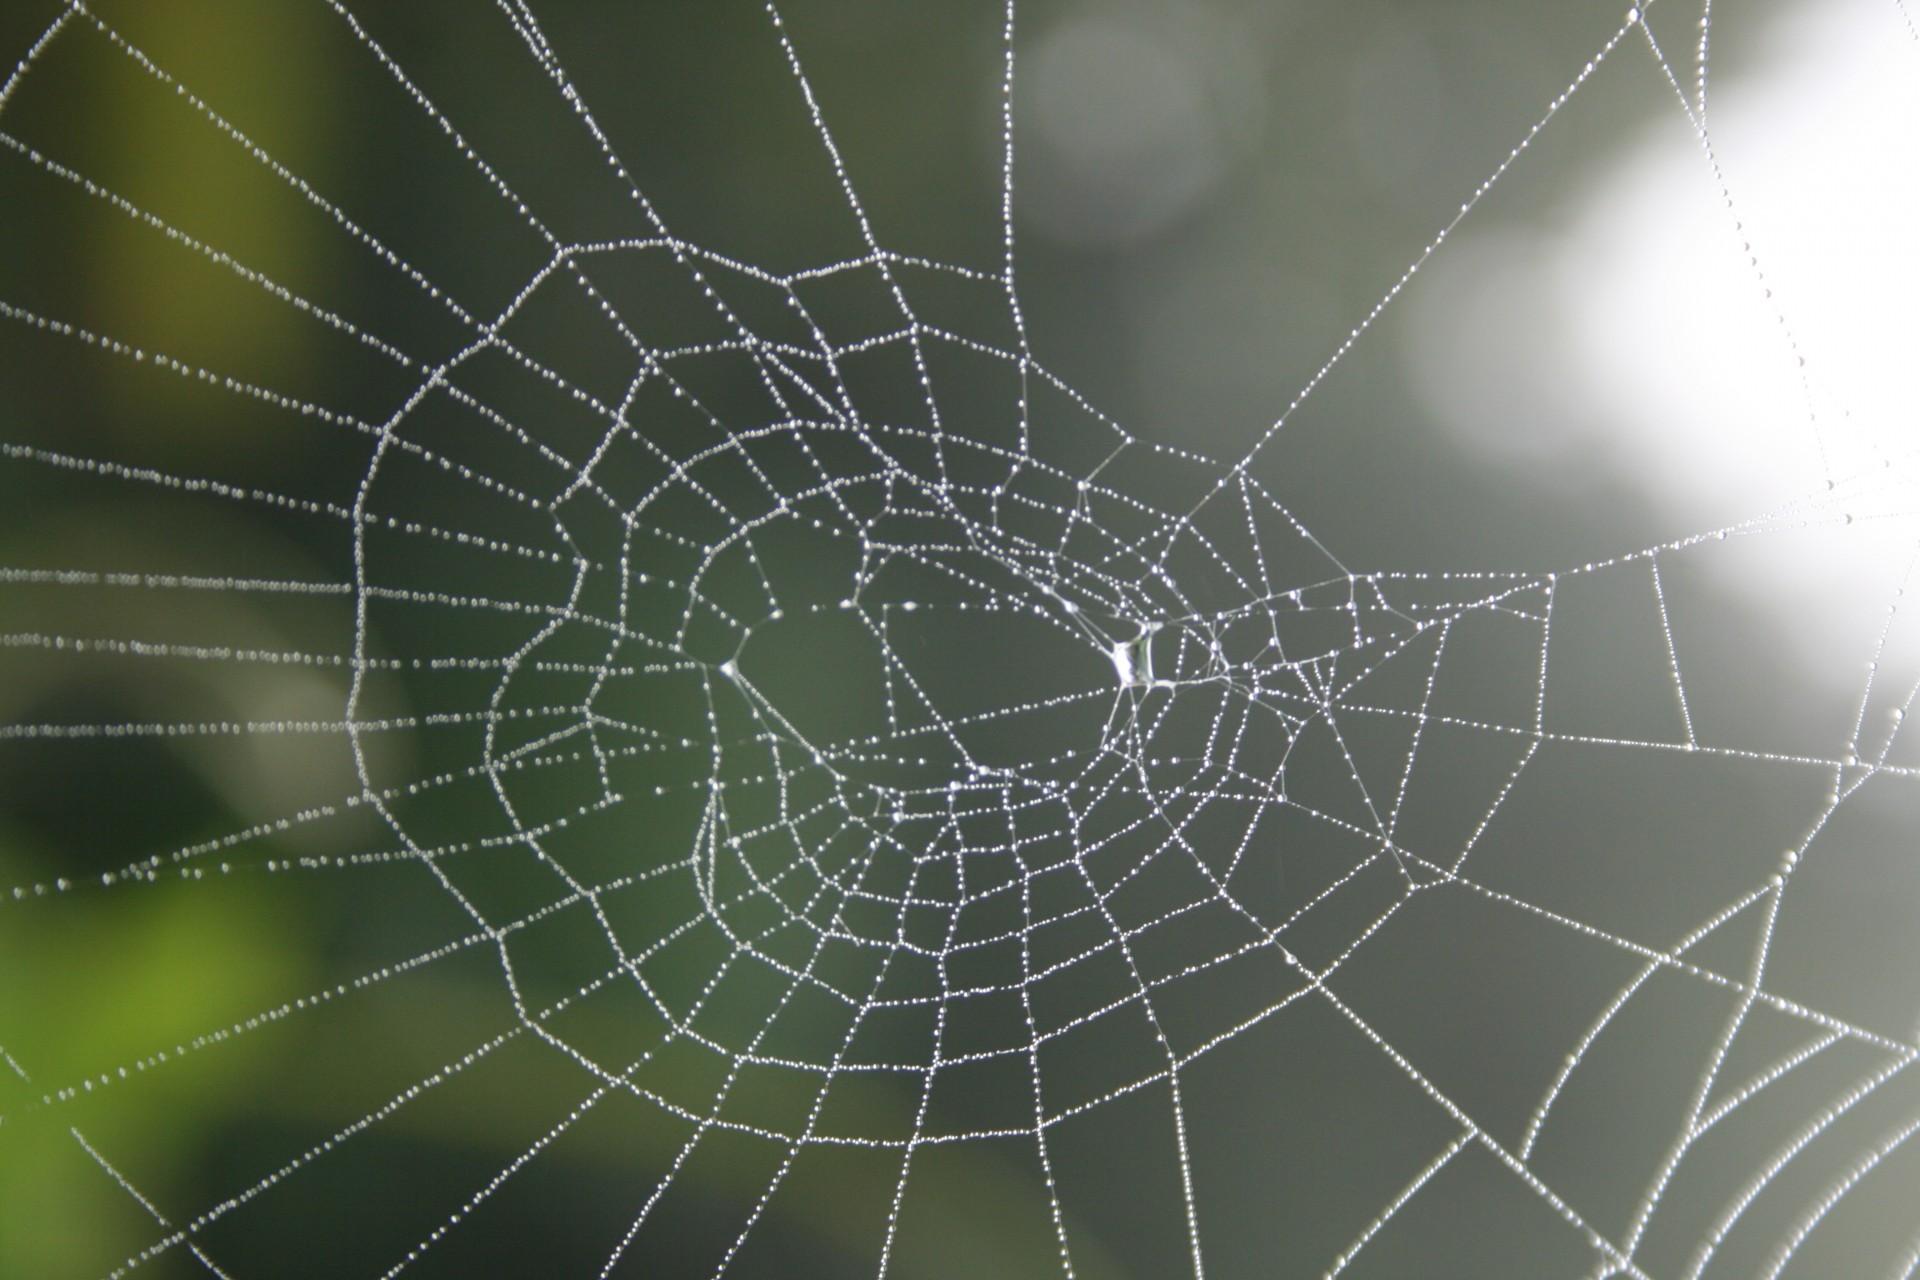 spiderweb, nature